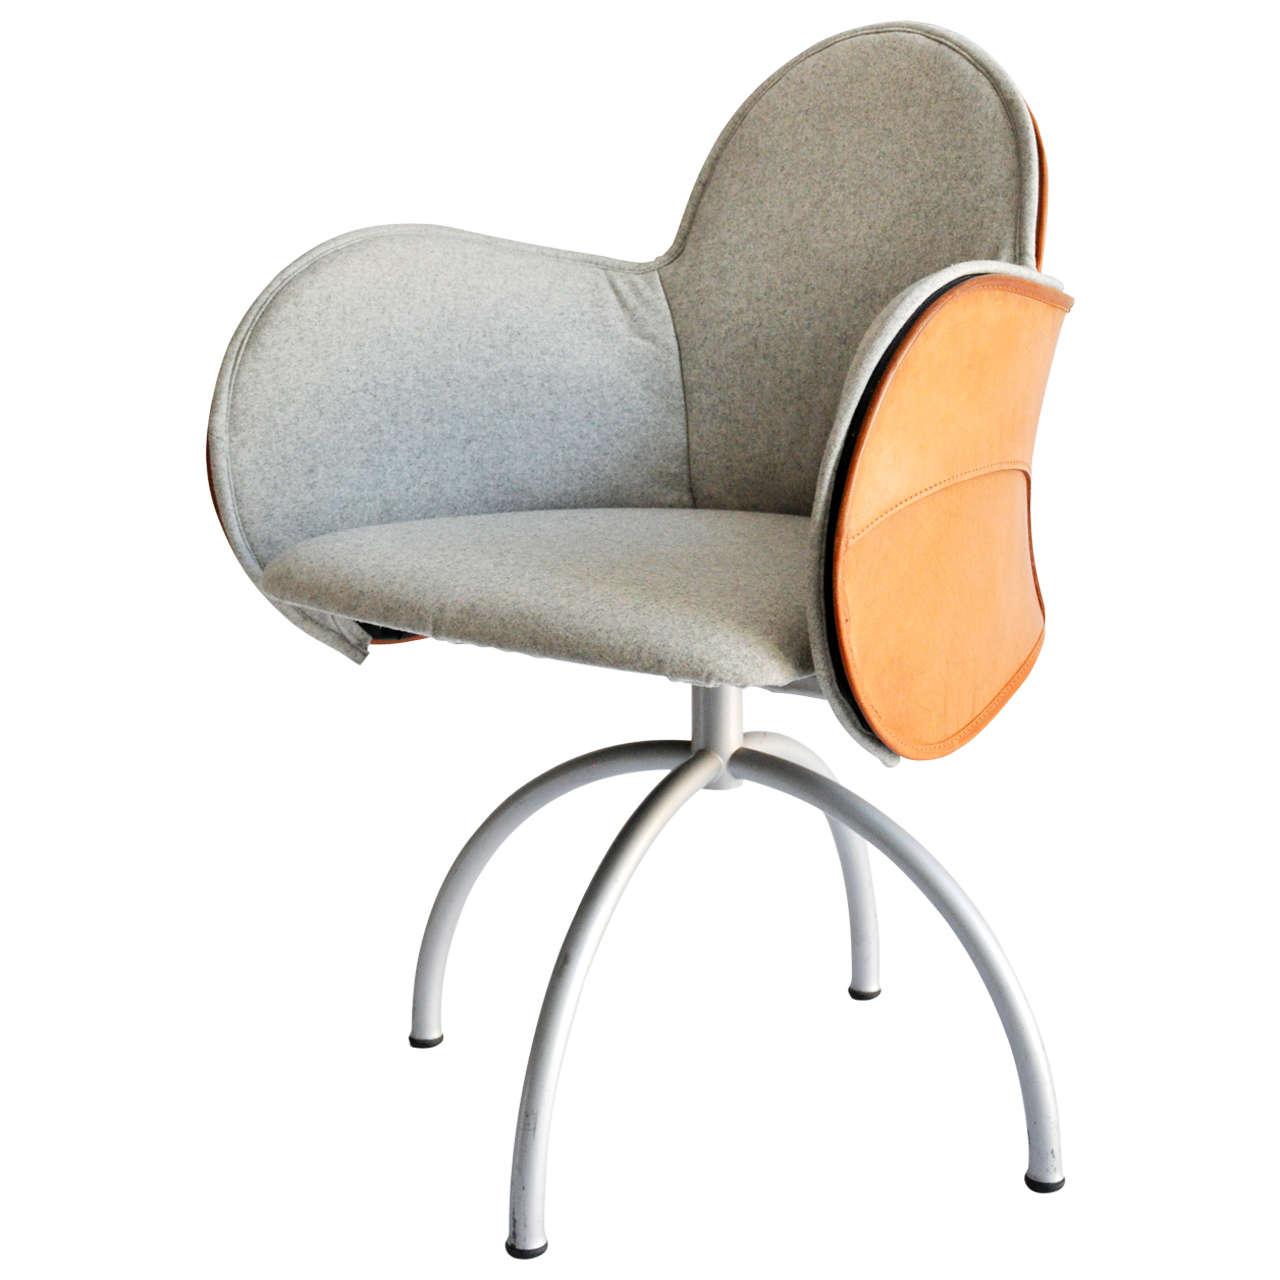 vico magistretti incisa swivel armchair 1990s 1